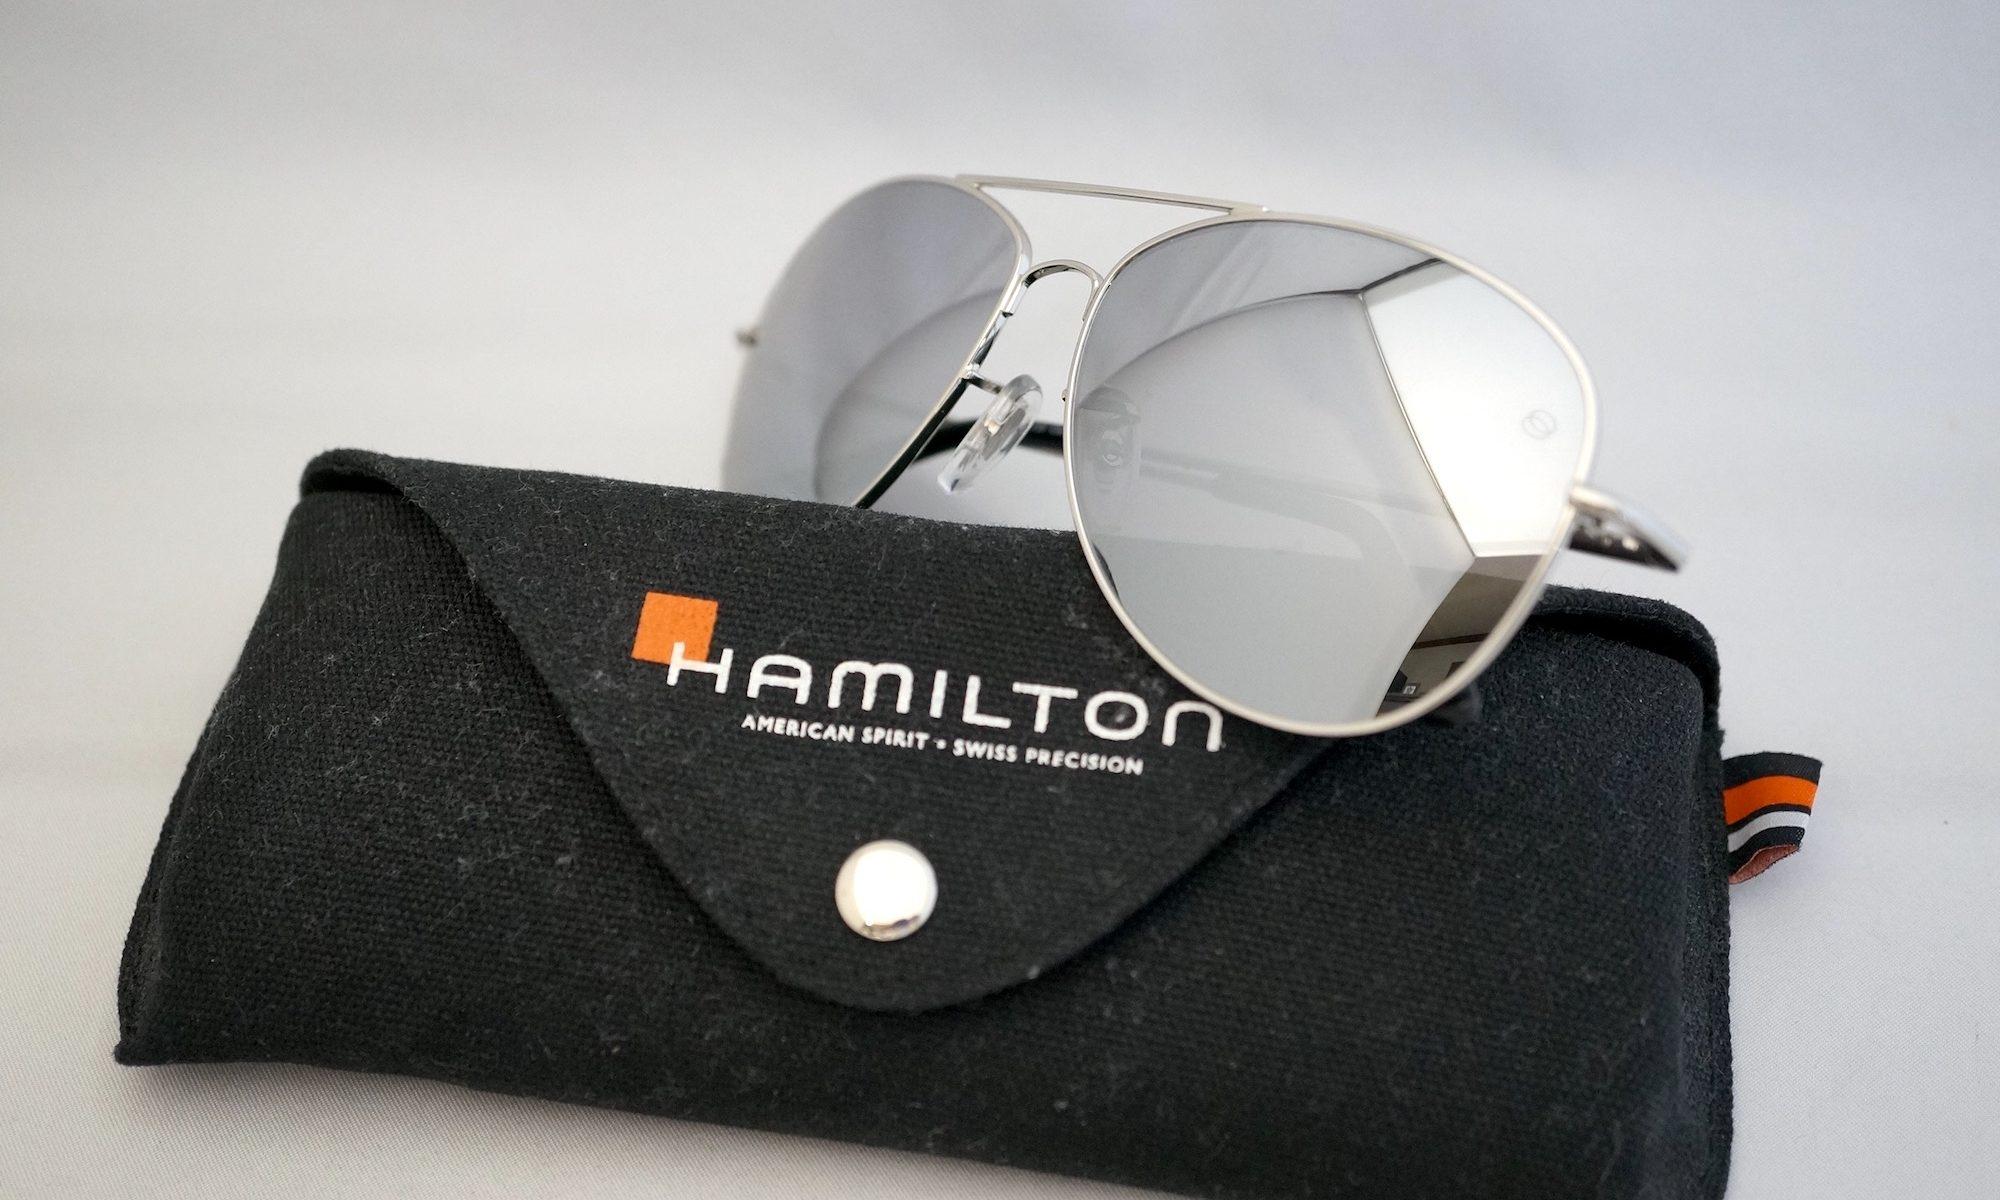 ハミルトン専門 ランドホー 公式ブログ